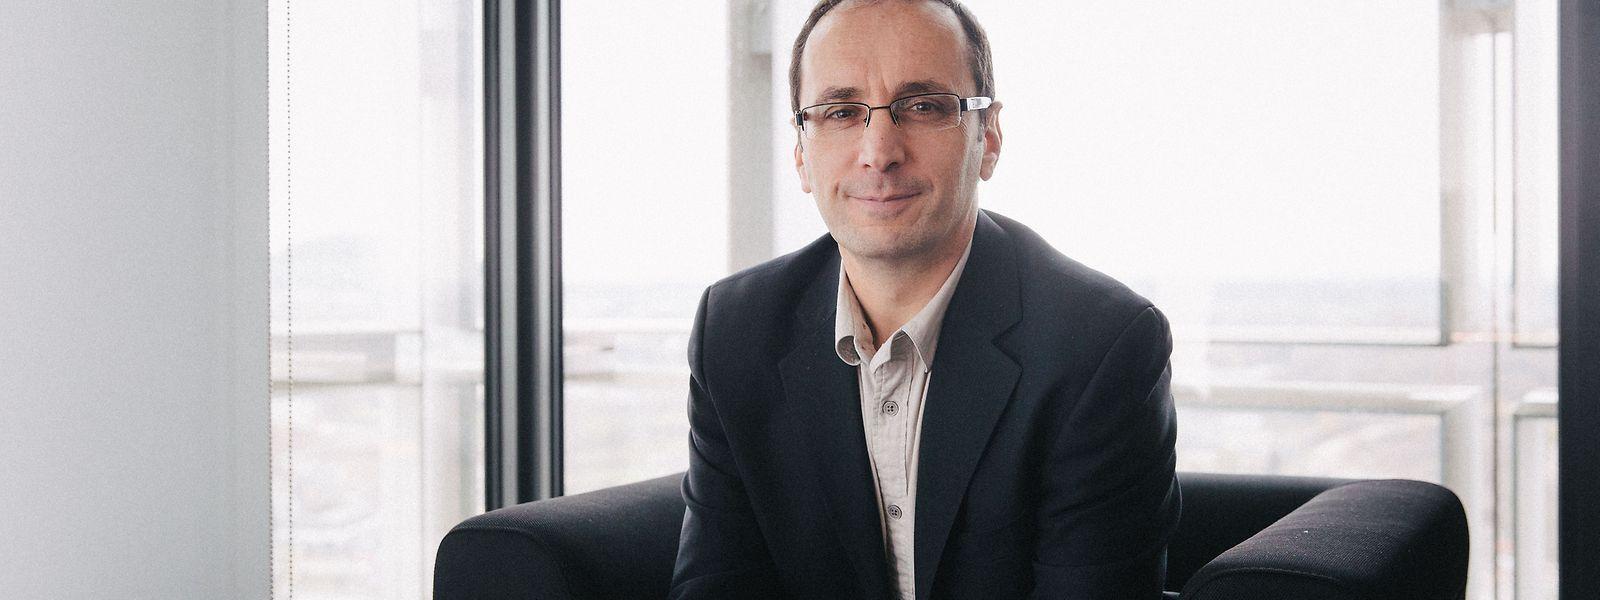 Jean-Marc Schlenker, seit Oktober 2018 Dekan der Fakultät für Natur- und Technikwissenschaften (FSTC).